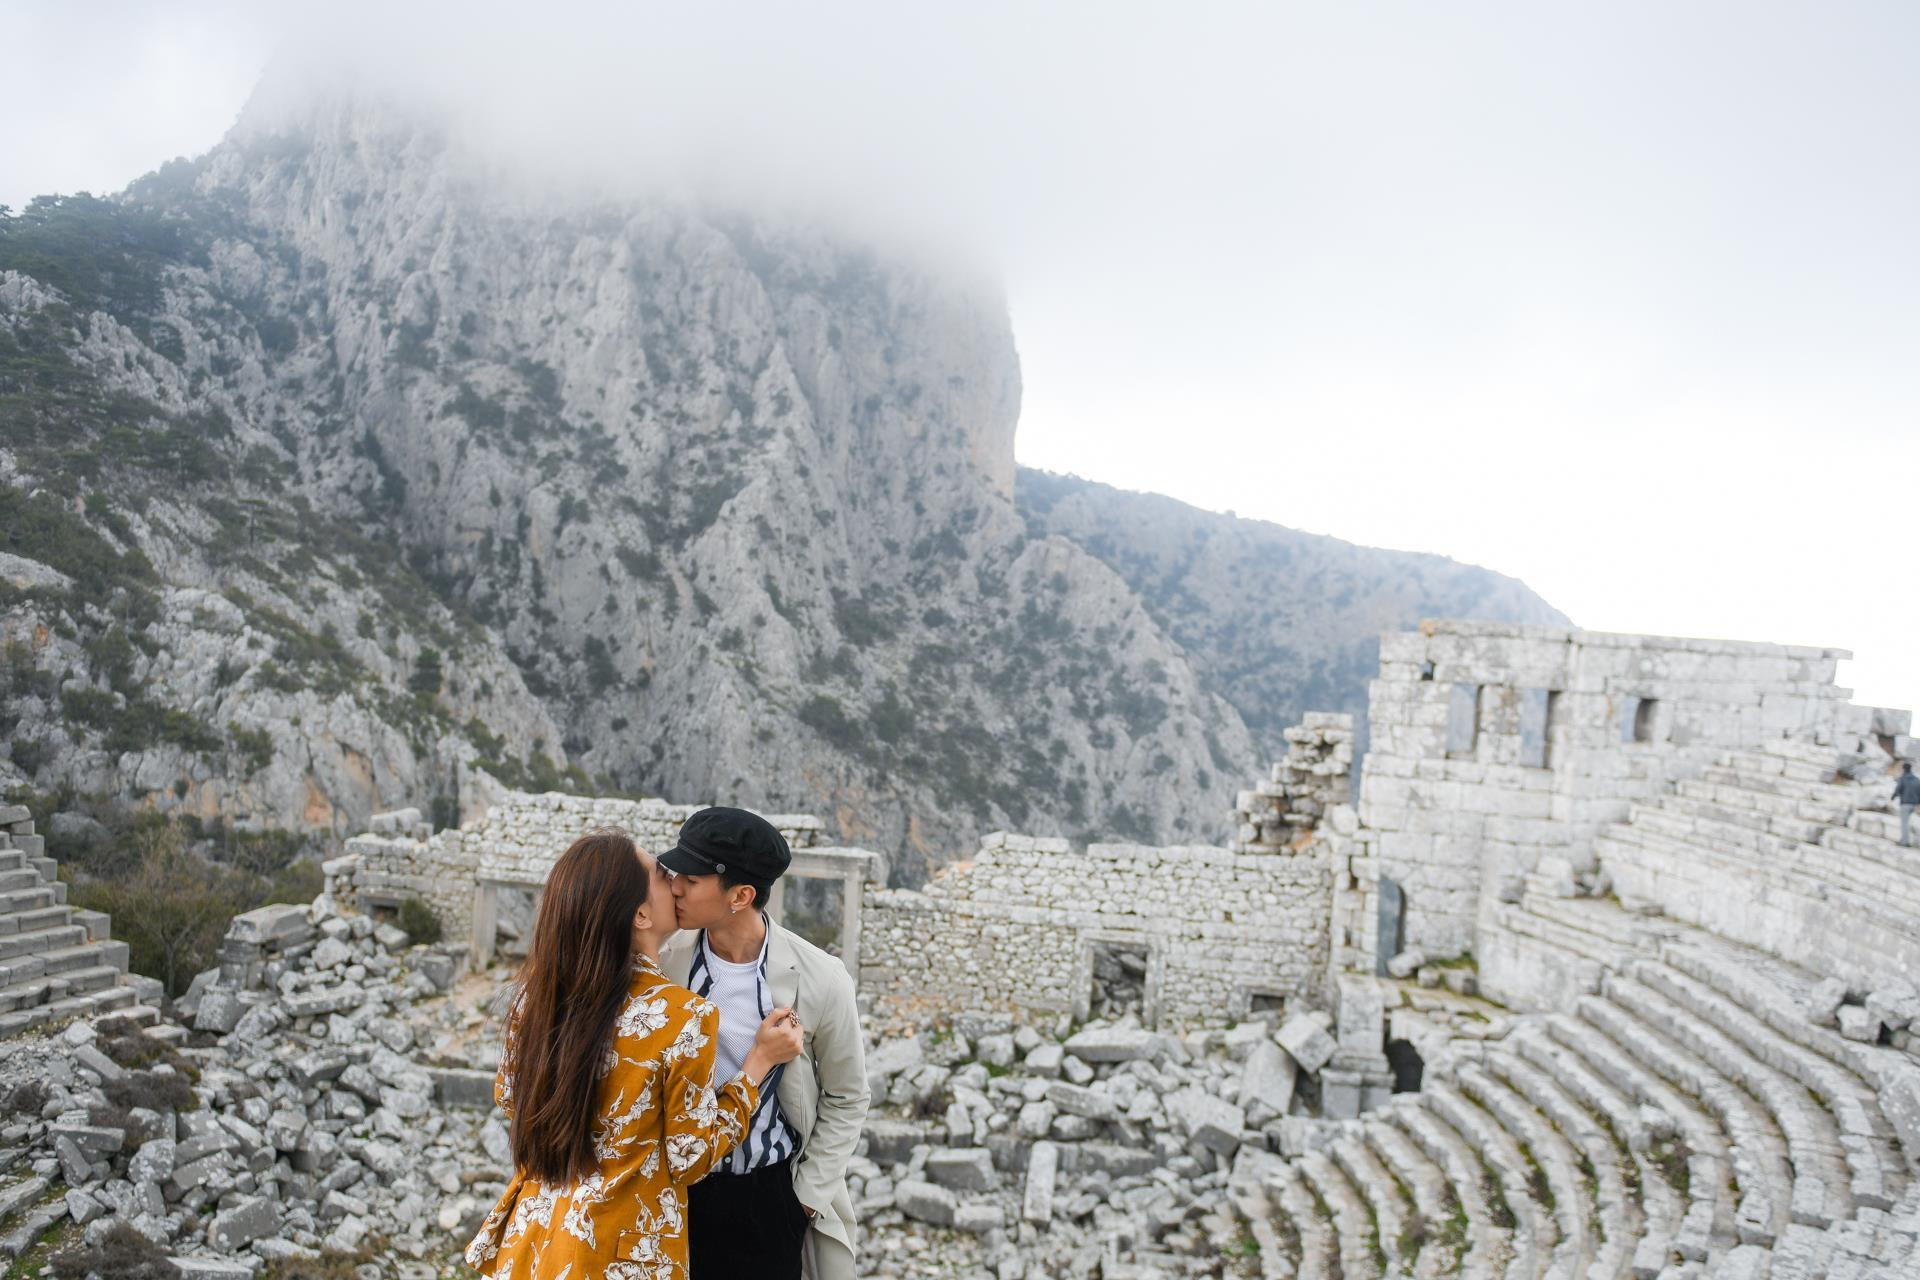 Á hậu Phương Nga tình tứ với bạn trai Bình An ở Thổ Nhĩ Kỳ Ảnh 6